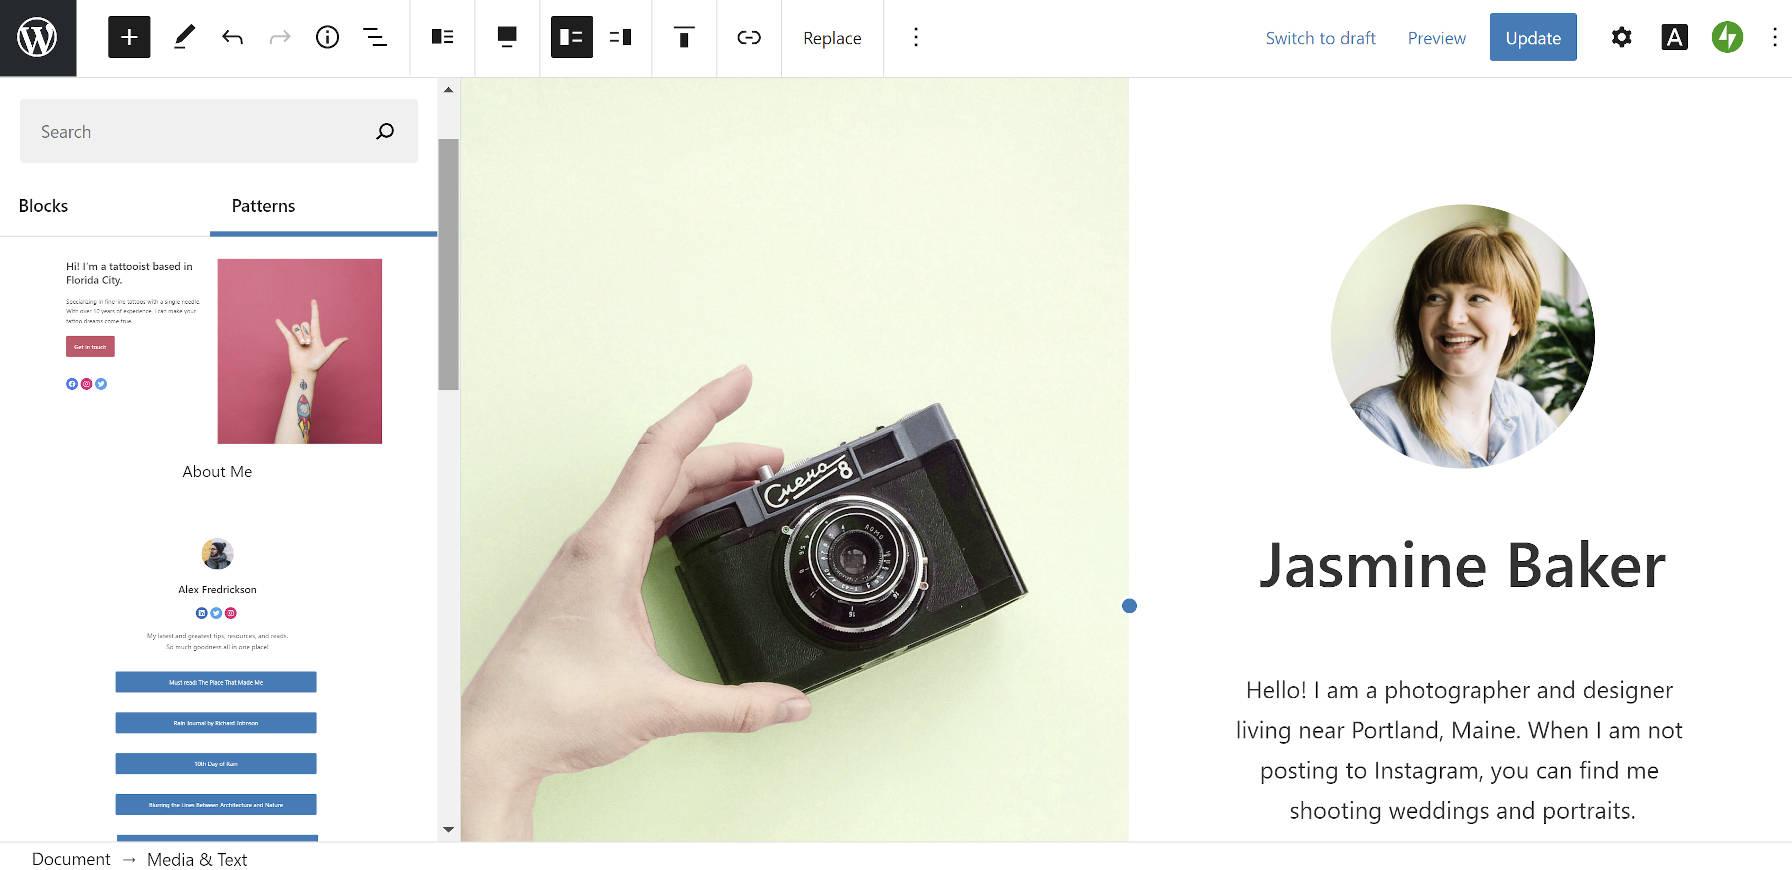 Motif d'écran partagé dans le thème WordPress Blank Canvas.